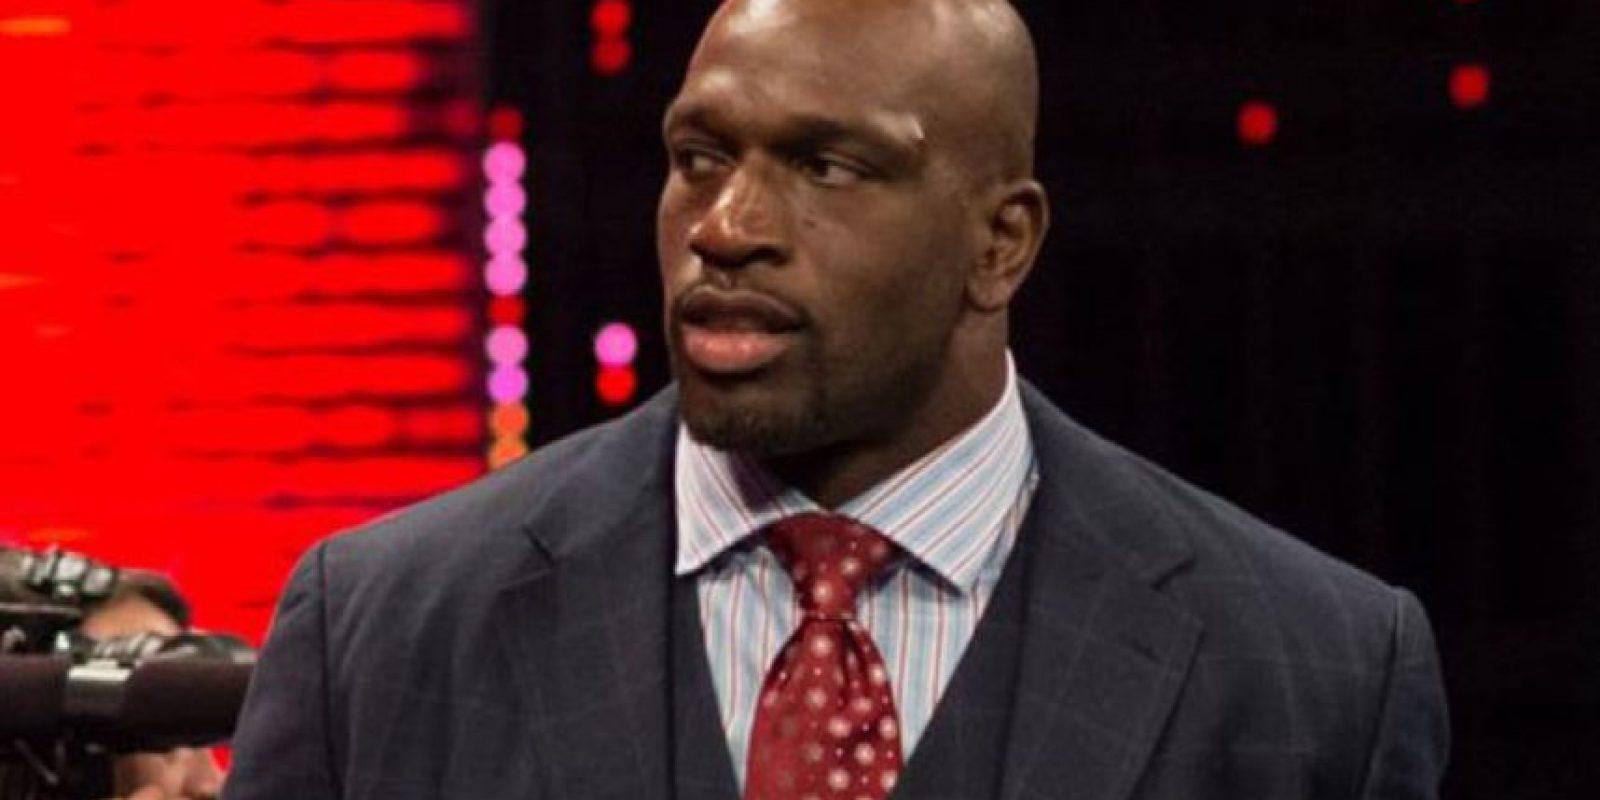 """Y fue suspendido desde inicios de febrero. """"Esperaré a que termine mi contrato y tomaré una decisión"""", indicó en su momento el luchador. Foto:WWE"""